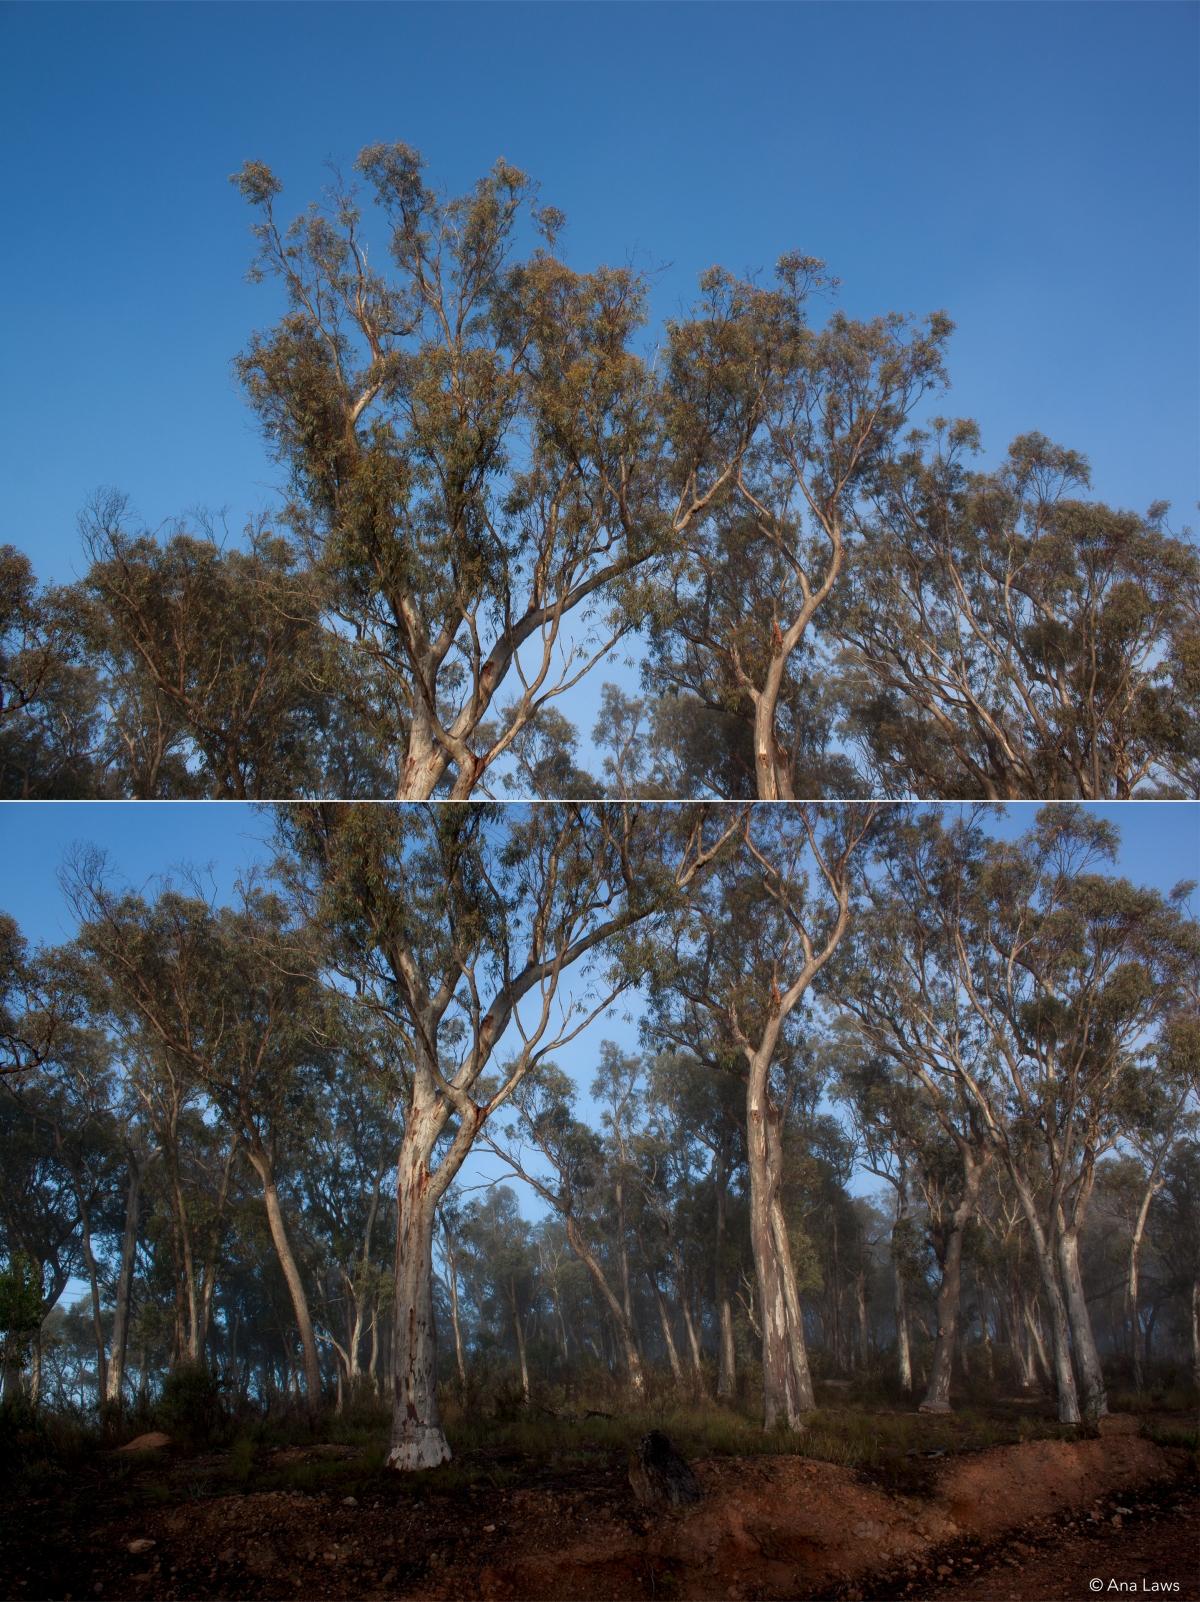 AustralianTrees